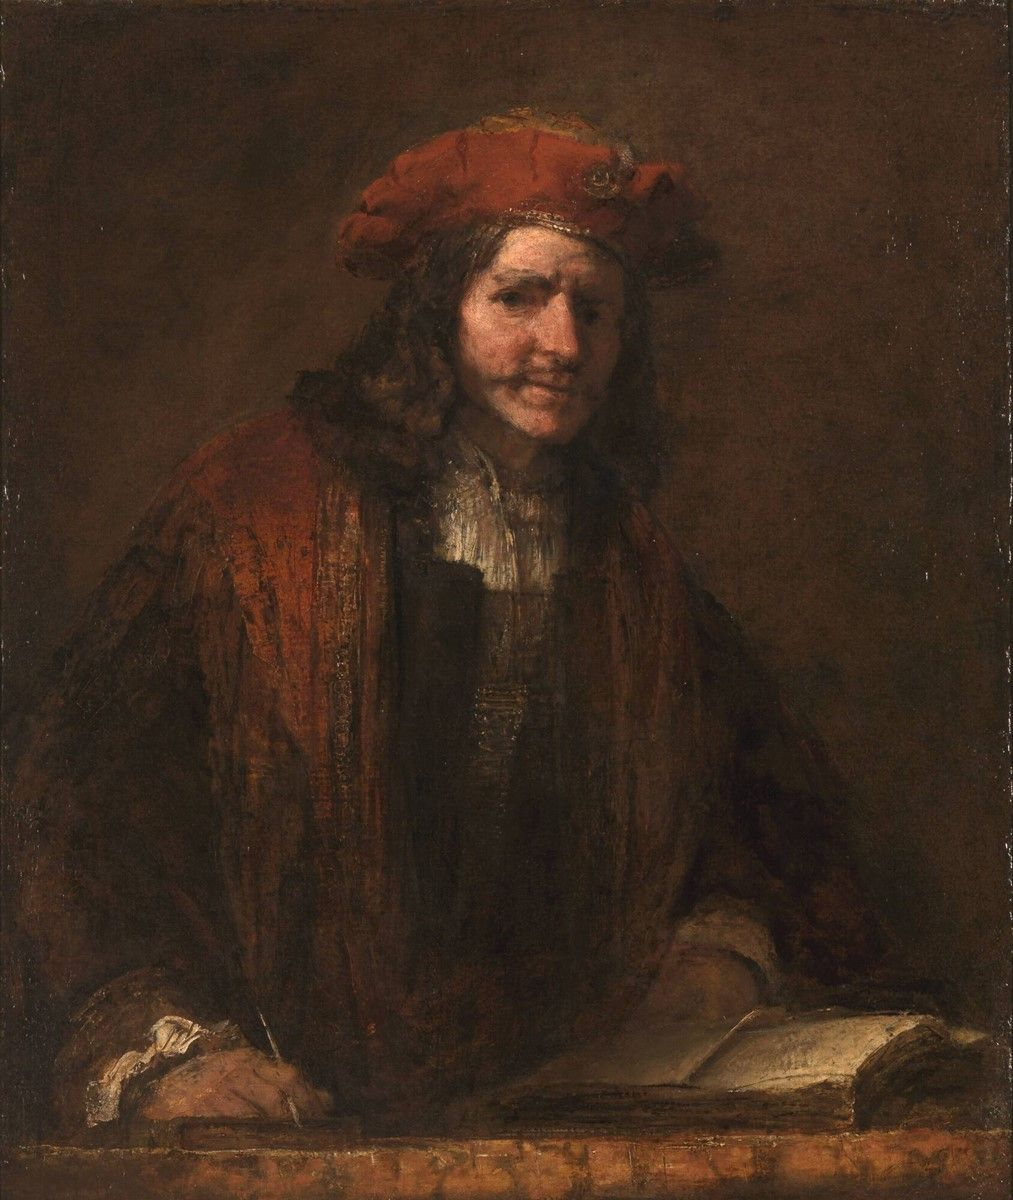 De man met de rode muts, Rembrandt van Rijn, circa 1660 | Museum Boijmans Van Beuningen